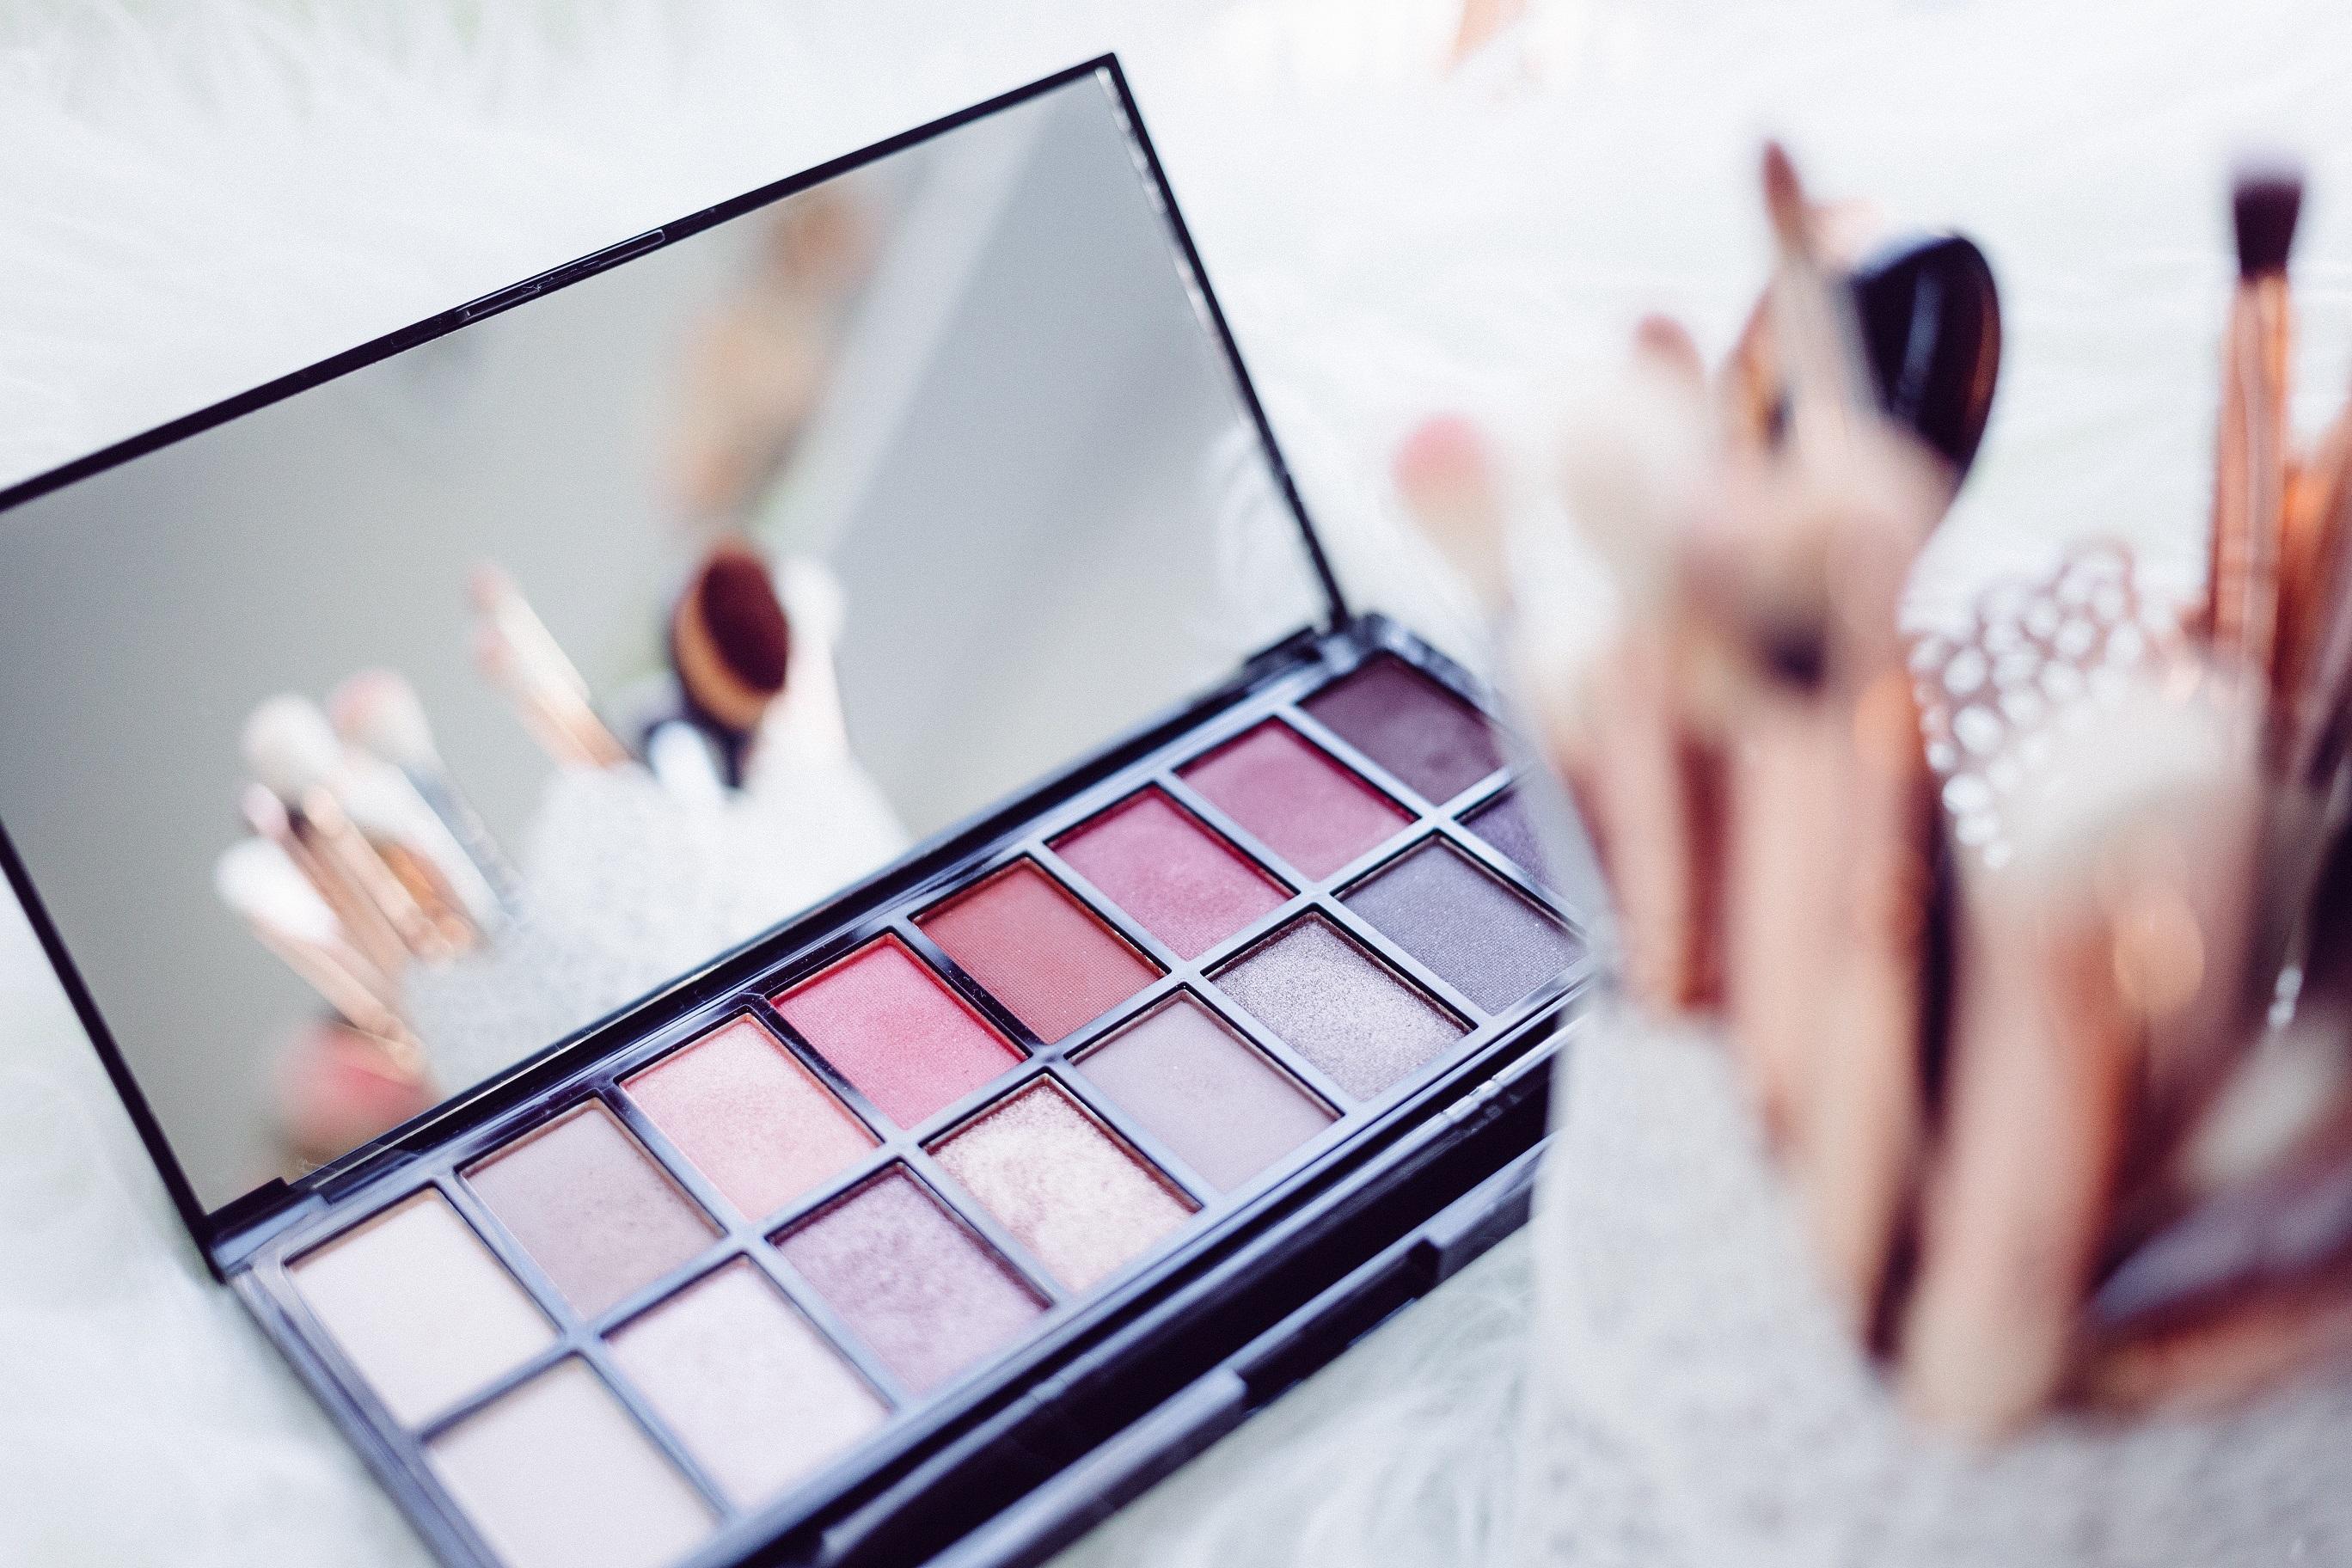 melhores cores de maquiagem para cada tom de pele